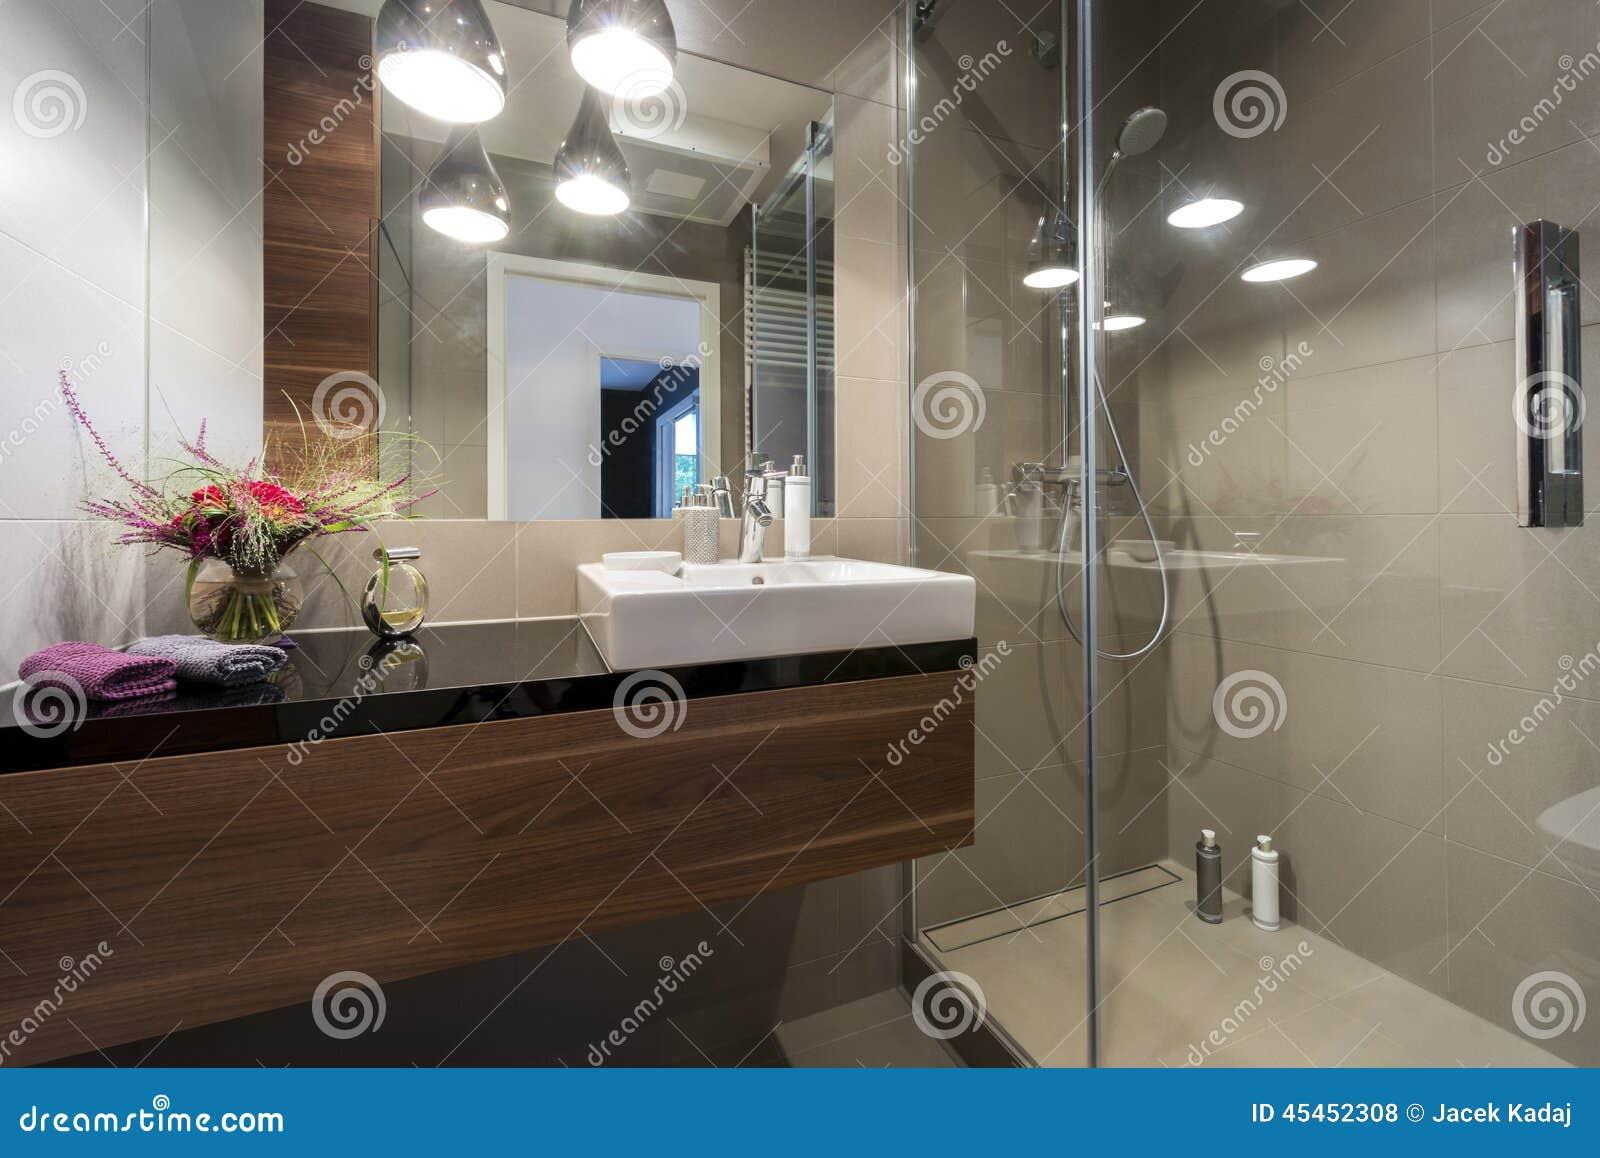 Salle De Bain Chez Tereva ~ Salle De Bains De Luxe Moderne Avec La Douche Photo Stock Image Du